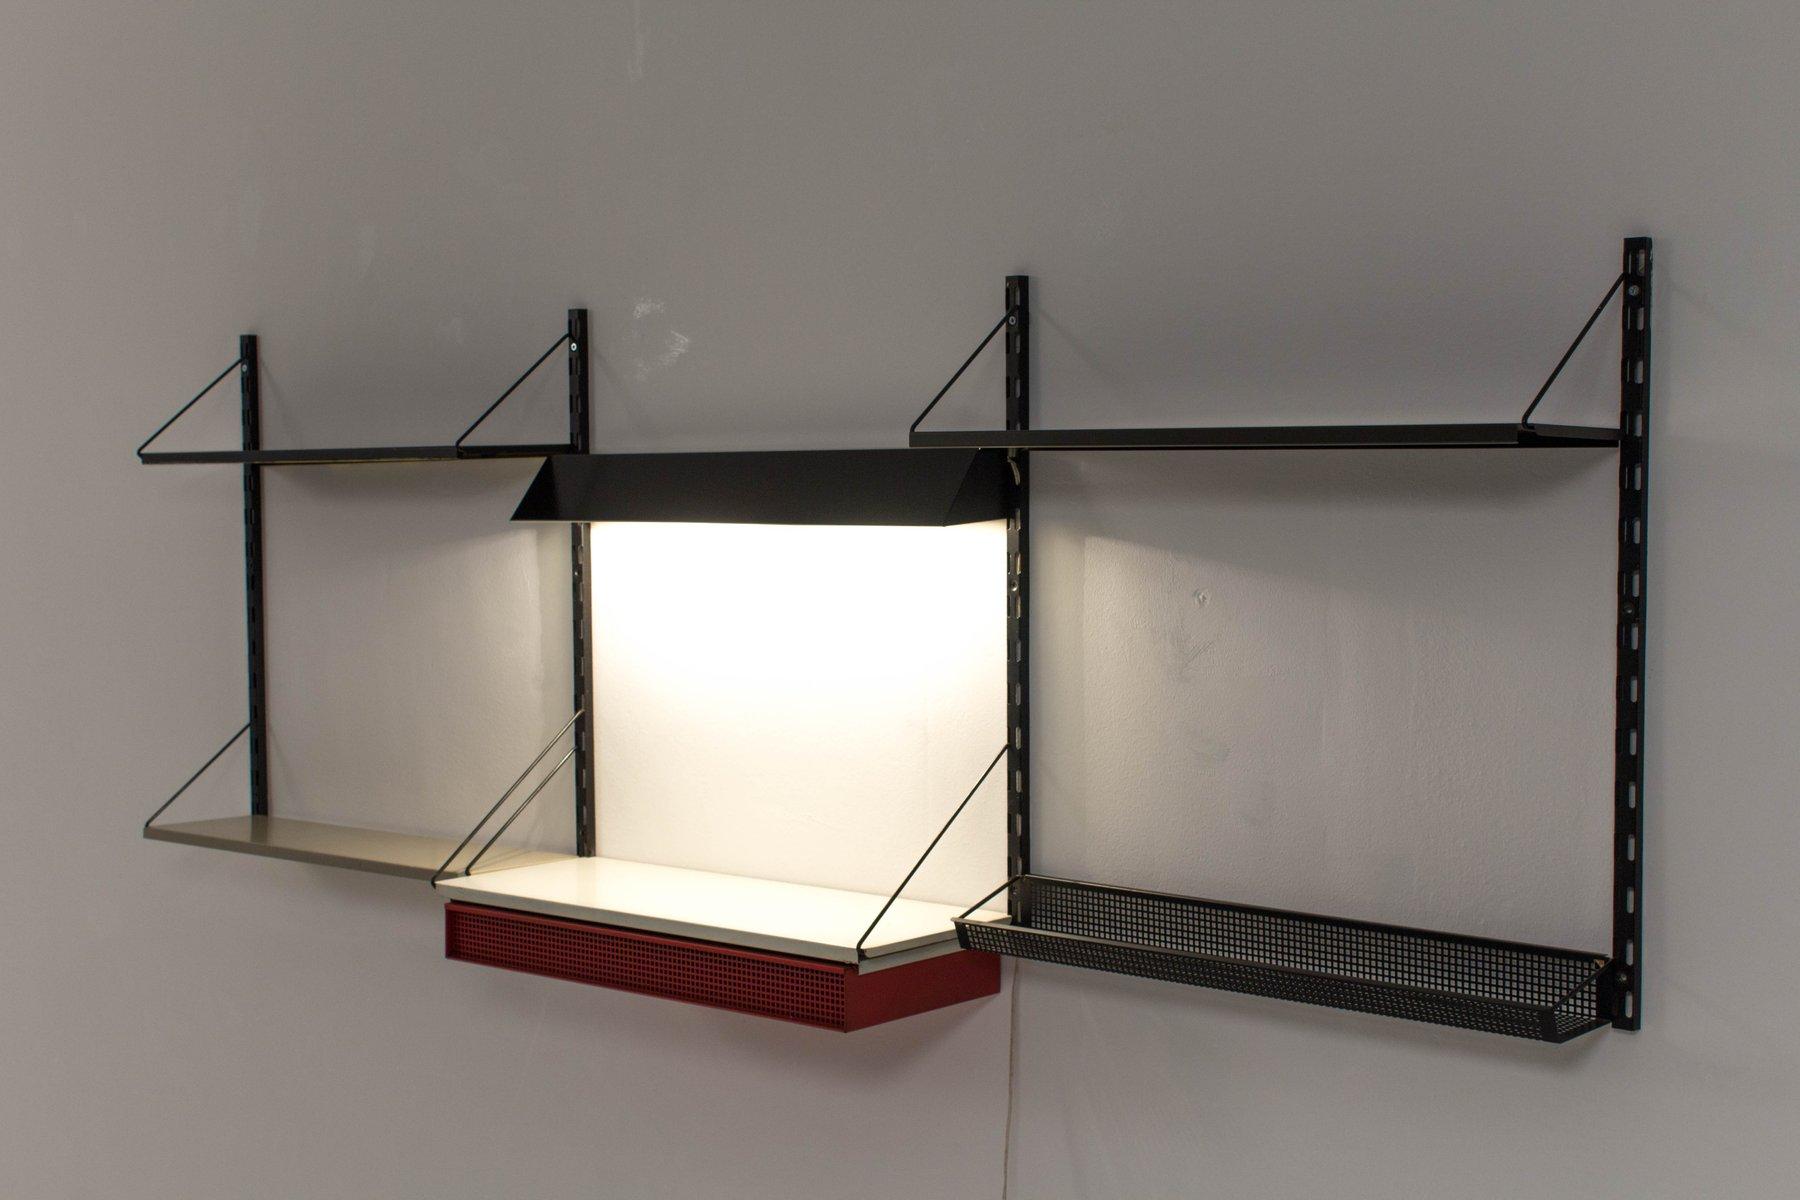 Unit di mensole da parete con scrivania di tjerk reijenga - Parete con mensole ...